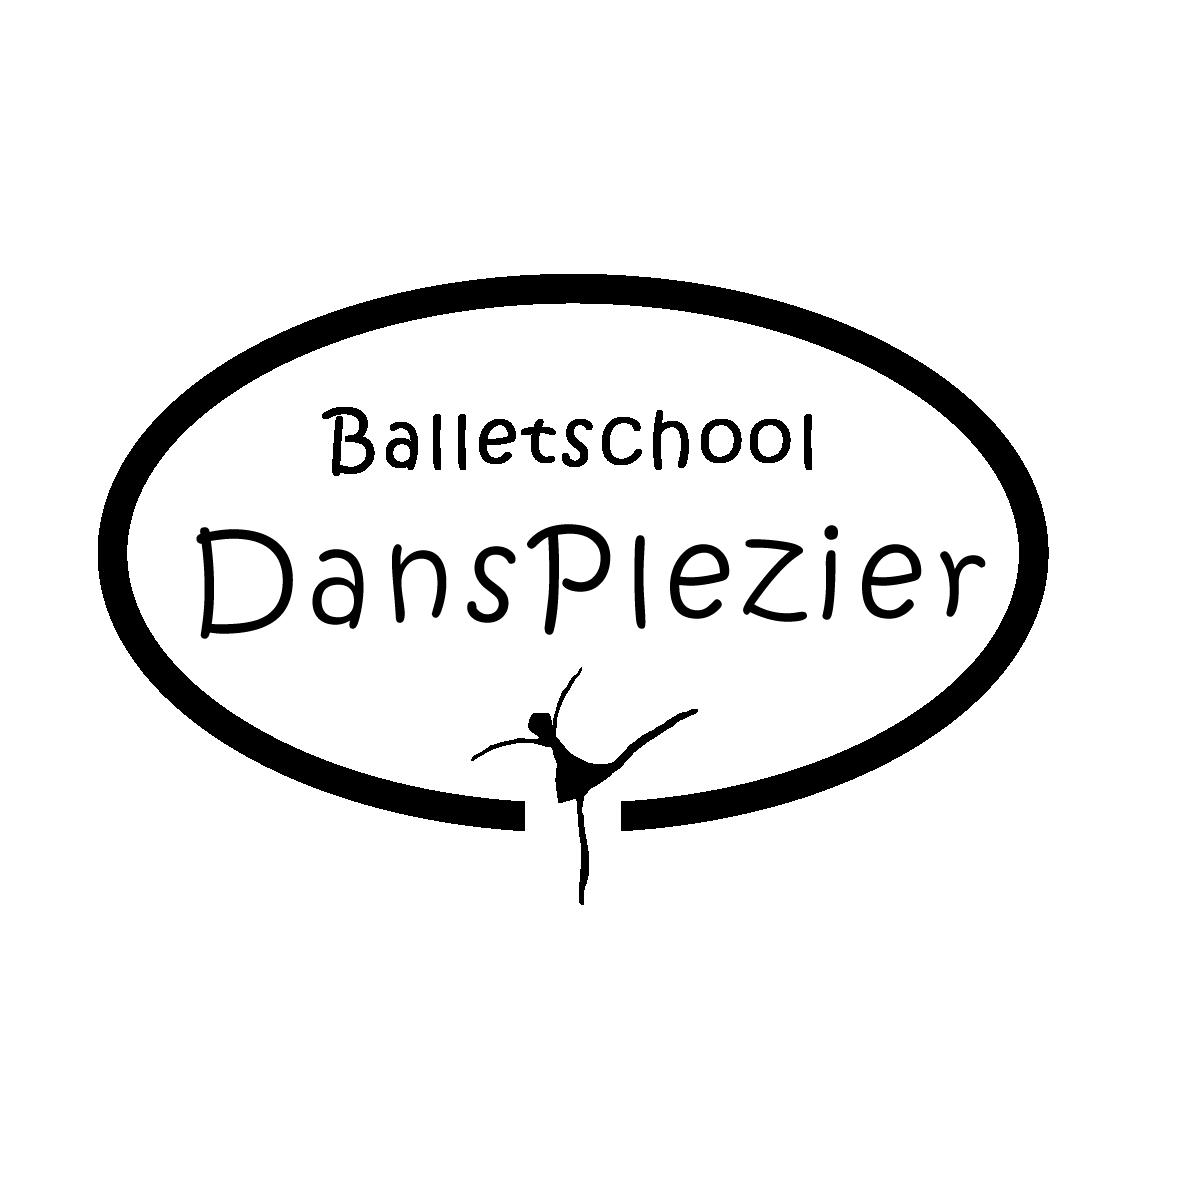 Balletschool Dansplezier